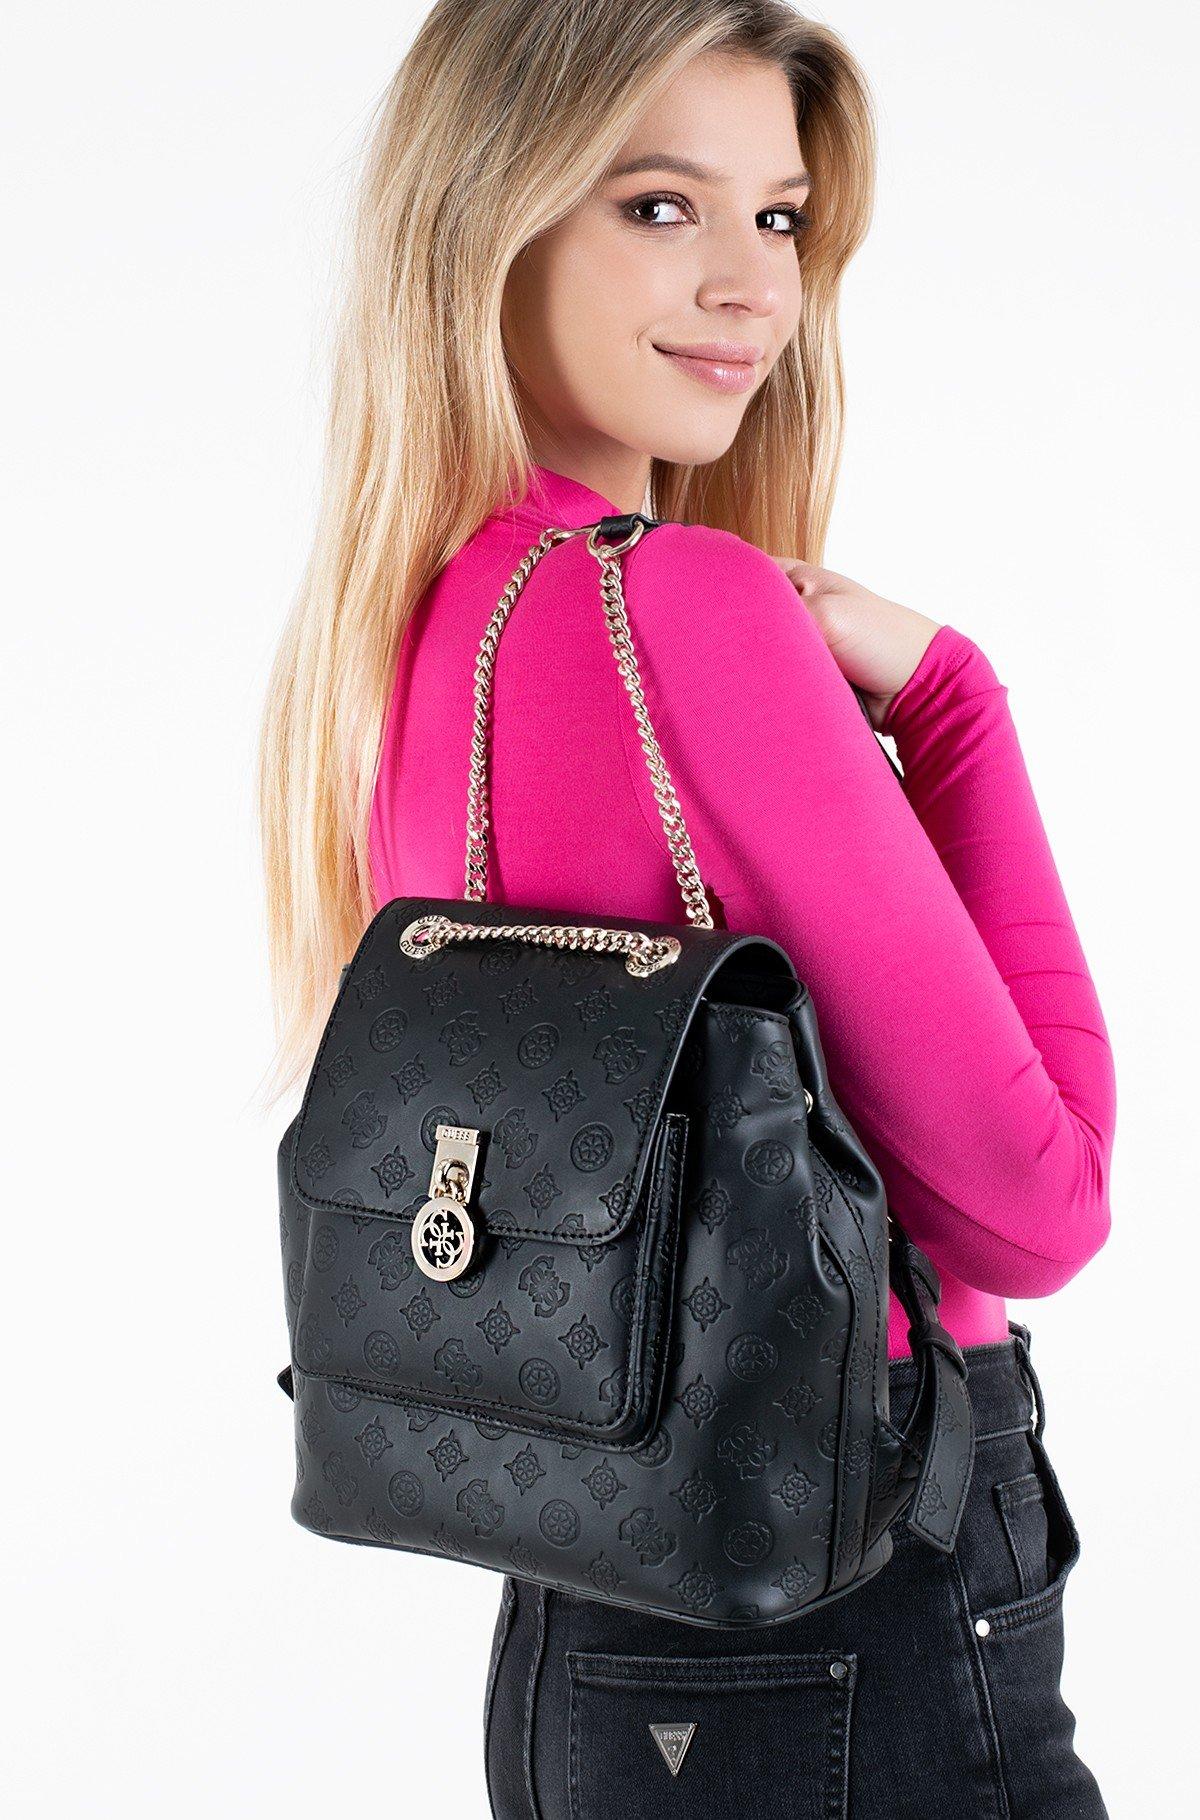 Backbag HWSG78 77320-full-1